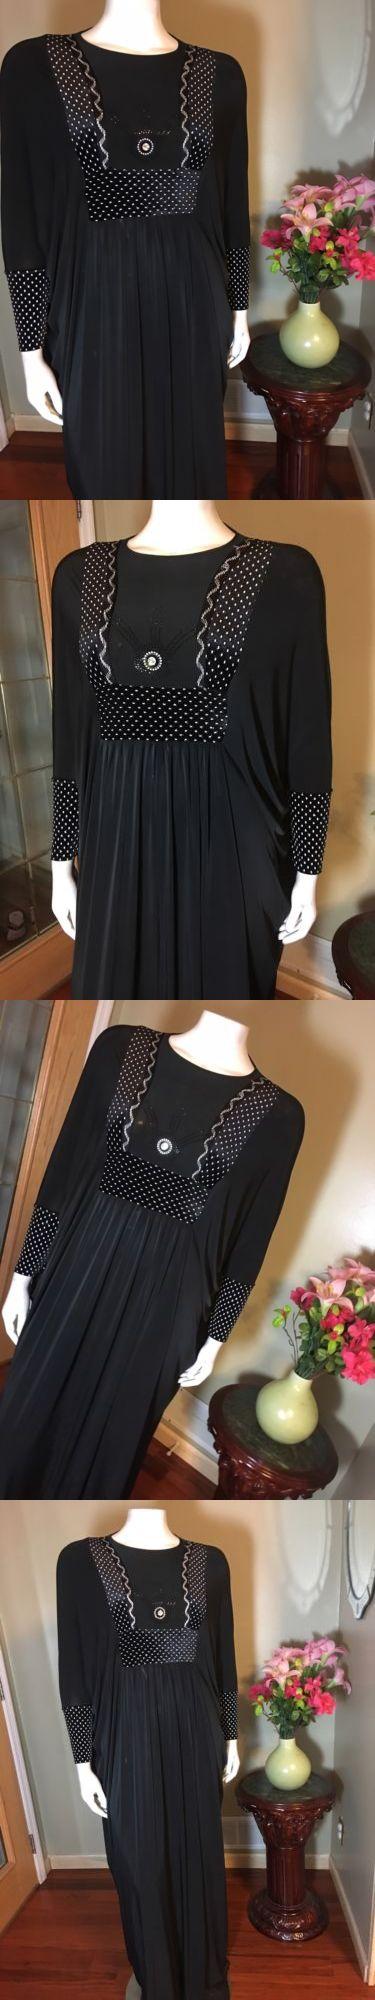 Middle East 155253: Butterfly Stretch Khaleeji Abaya Arabic Farasha Jilbab With Hijab Size M 56 -> BUY IT NOW ONLY: $35.99 on eBay!